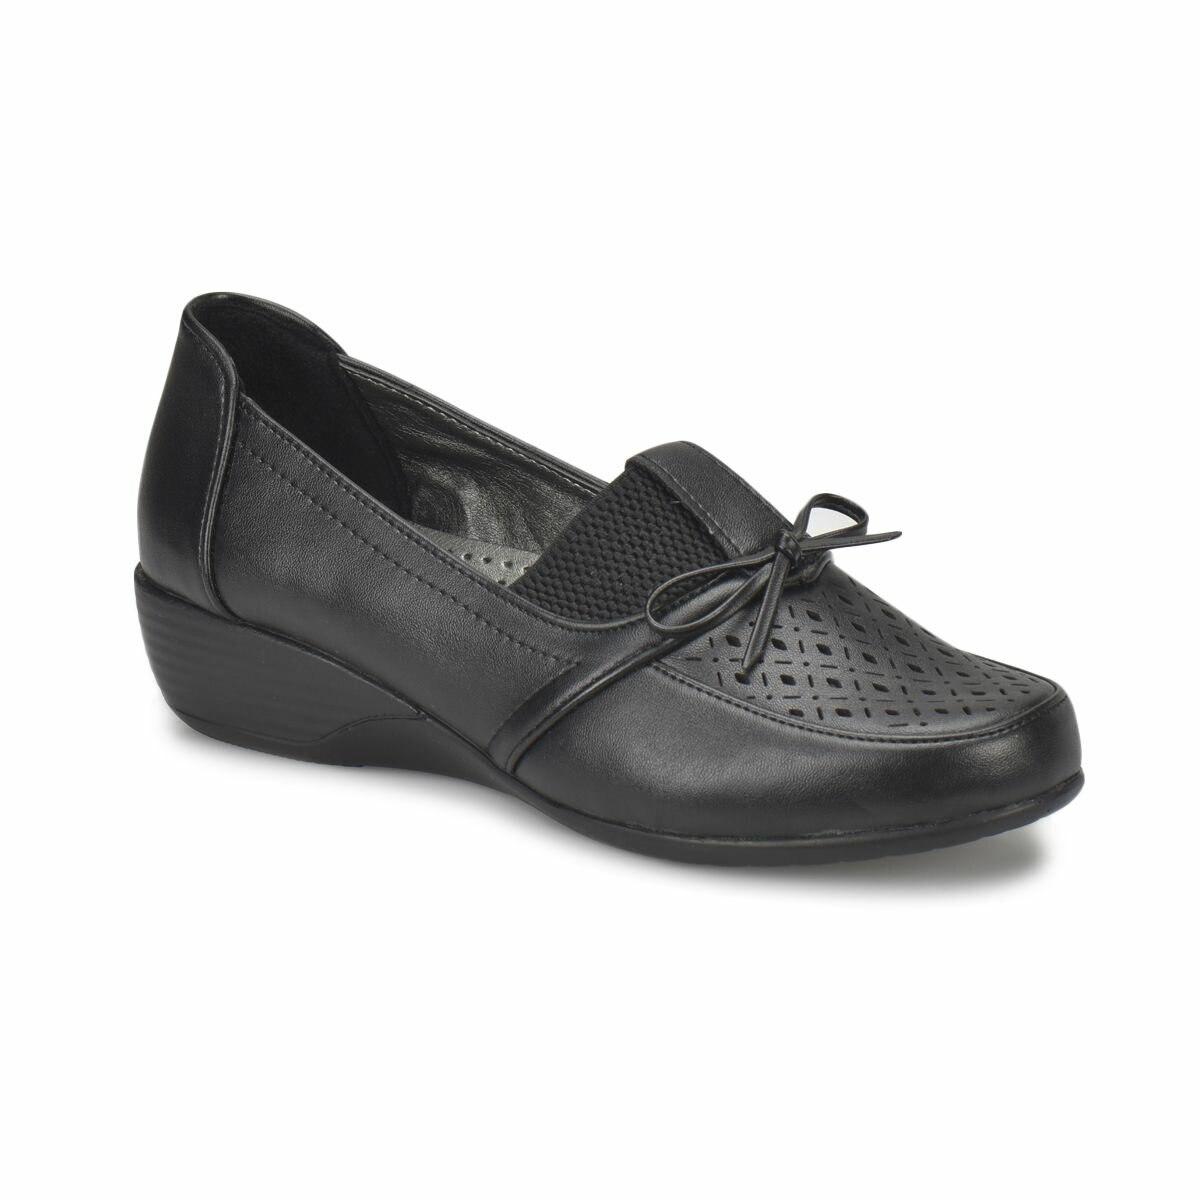 FLO 81. 157275.Z Black Women 'S Classic Shoes Polaris